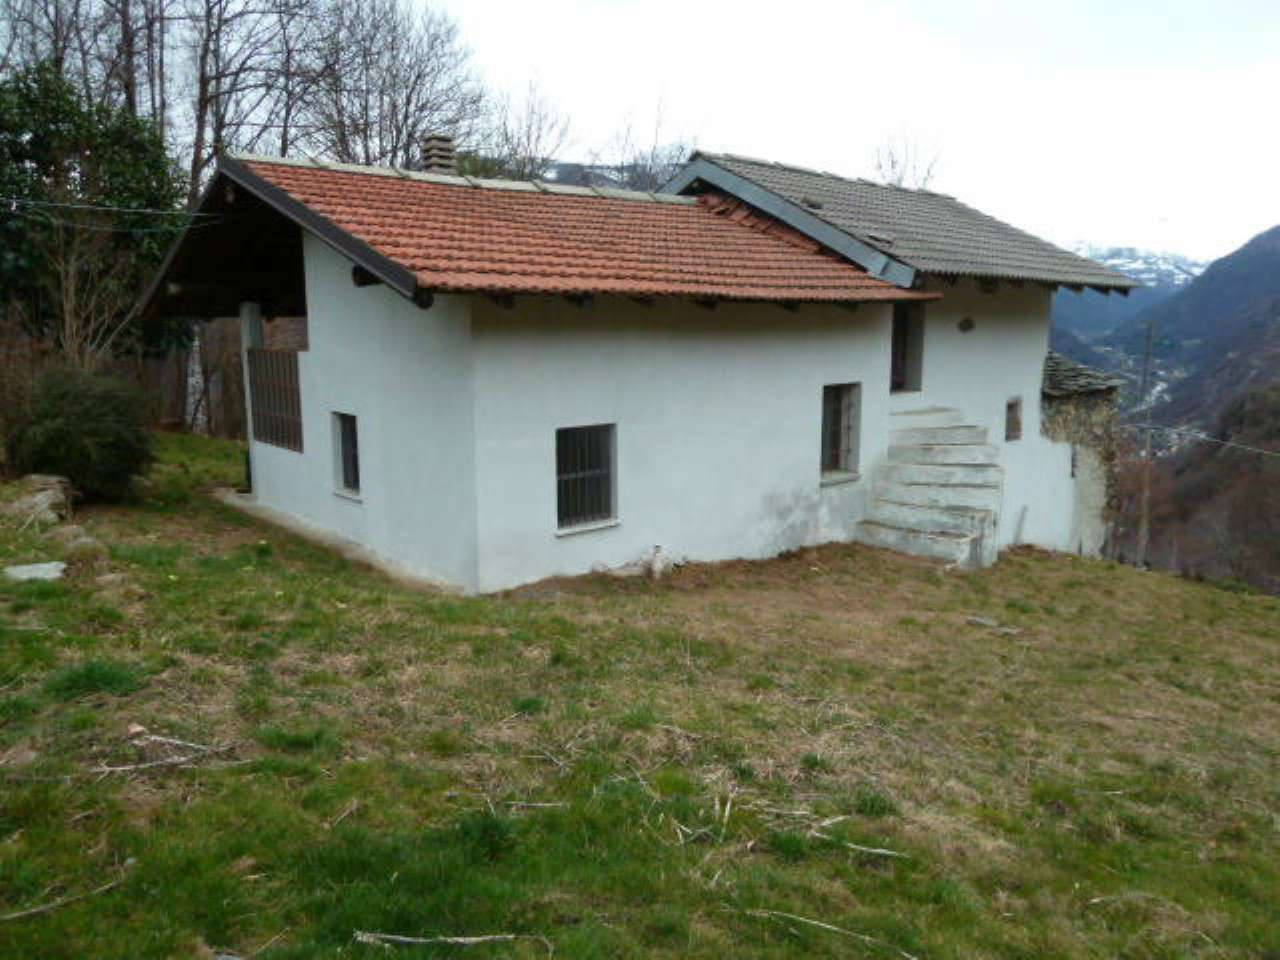 Soluzione Indipendente in vendita a Pont-Canavese, 5 locali, prezzo € 40.000 | PortaleAgenzieImmobiliari.it